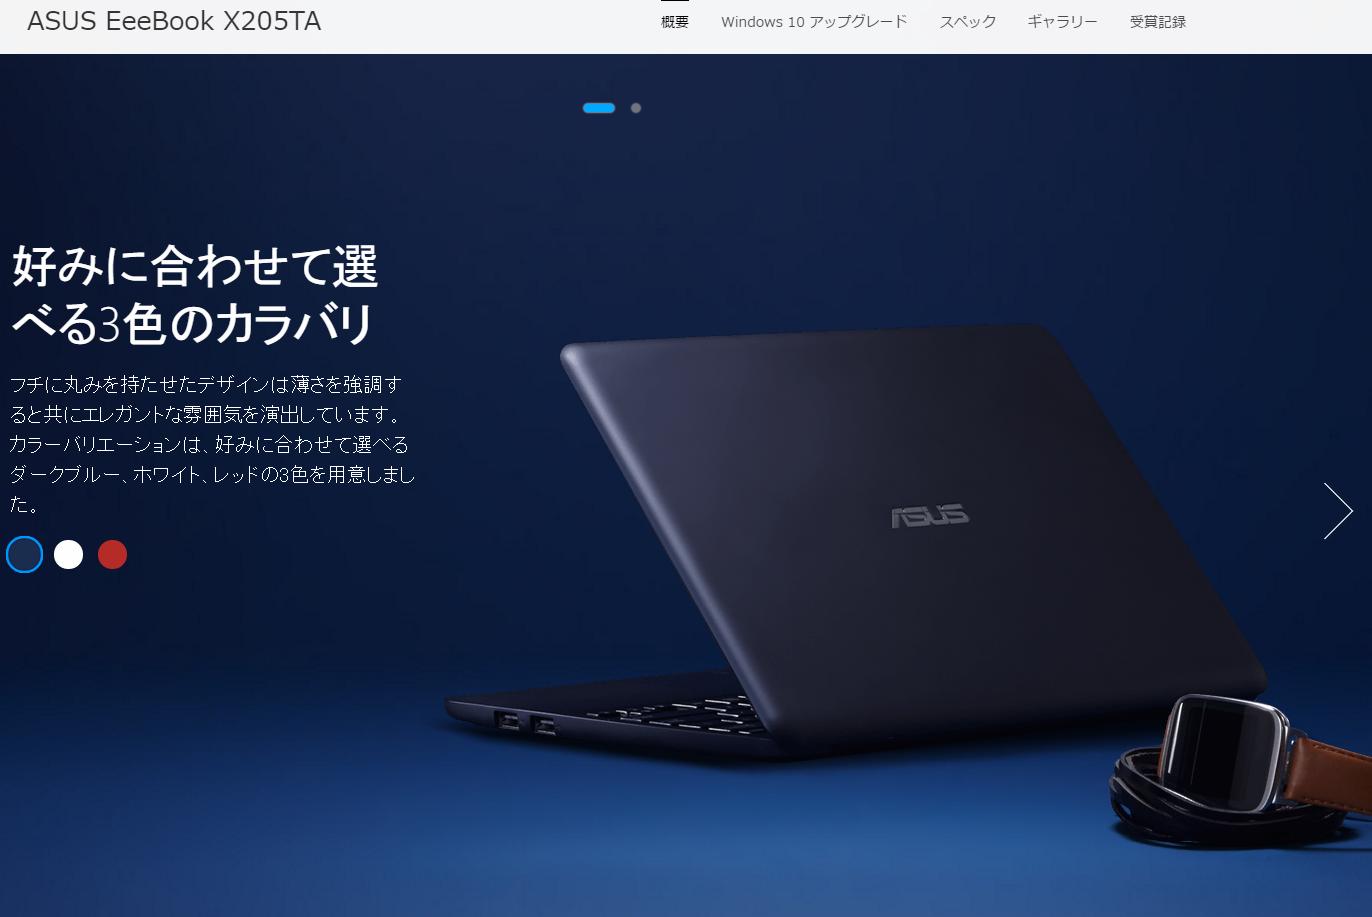 1172-201602_ASUS EeeBook X205TA 02